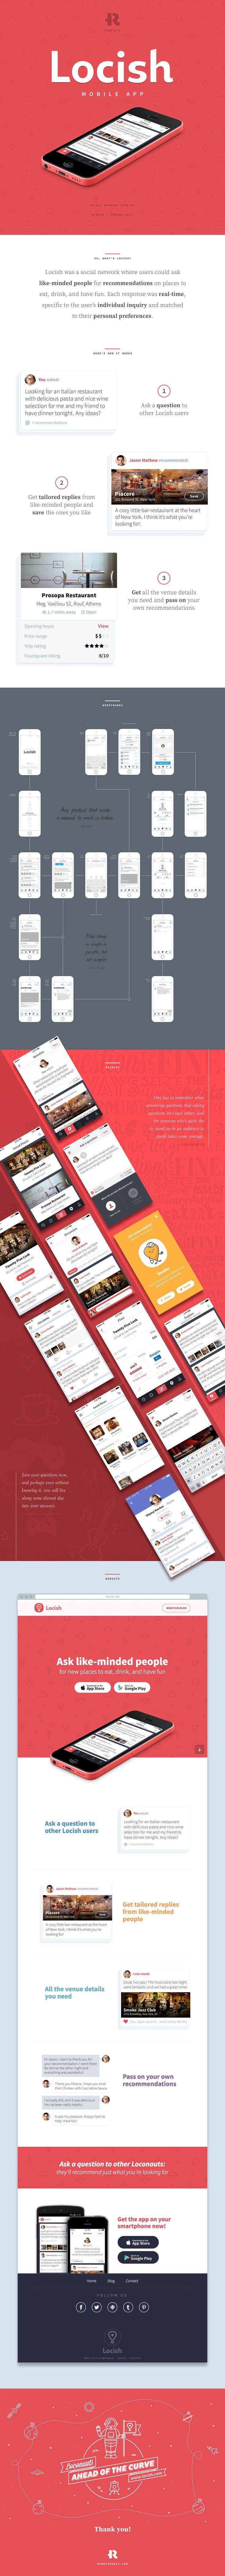 Locish Mobile App